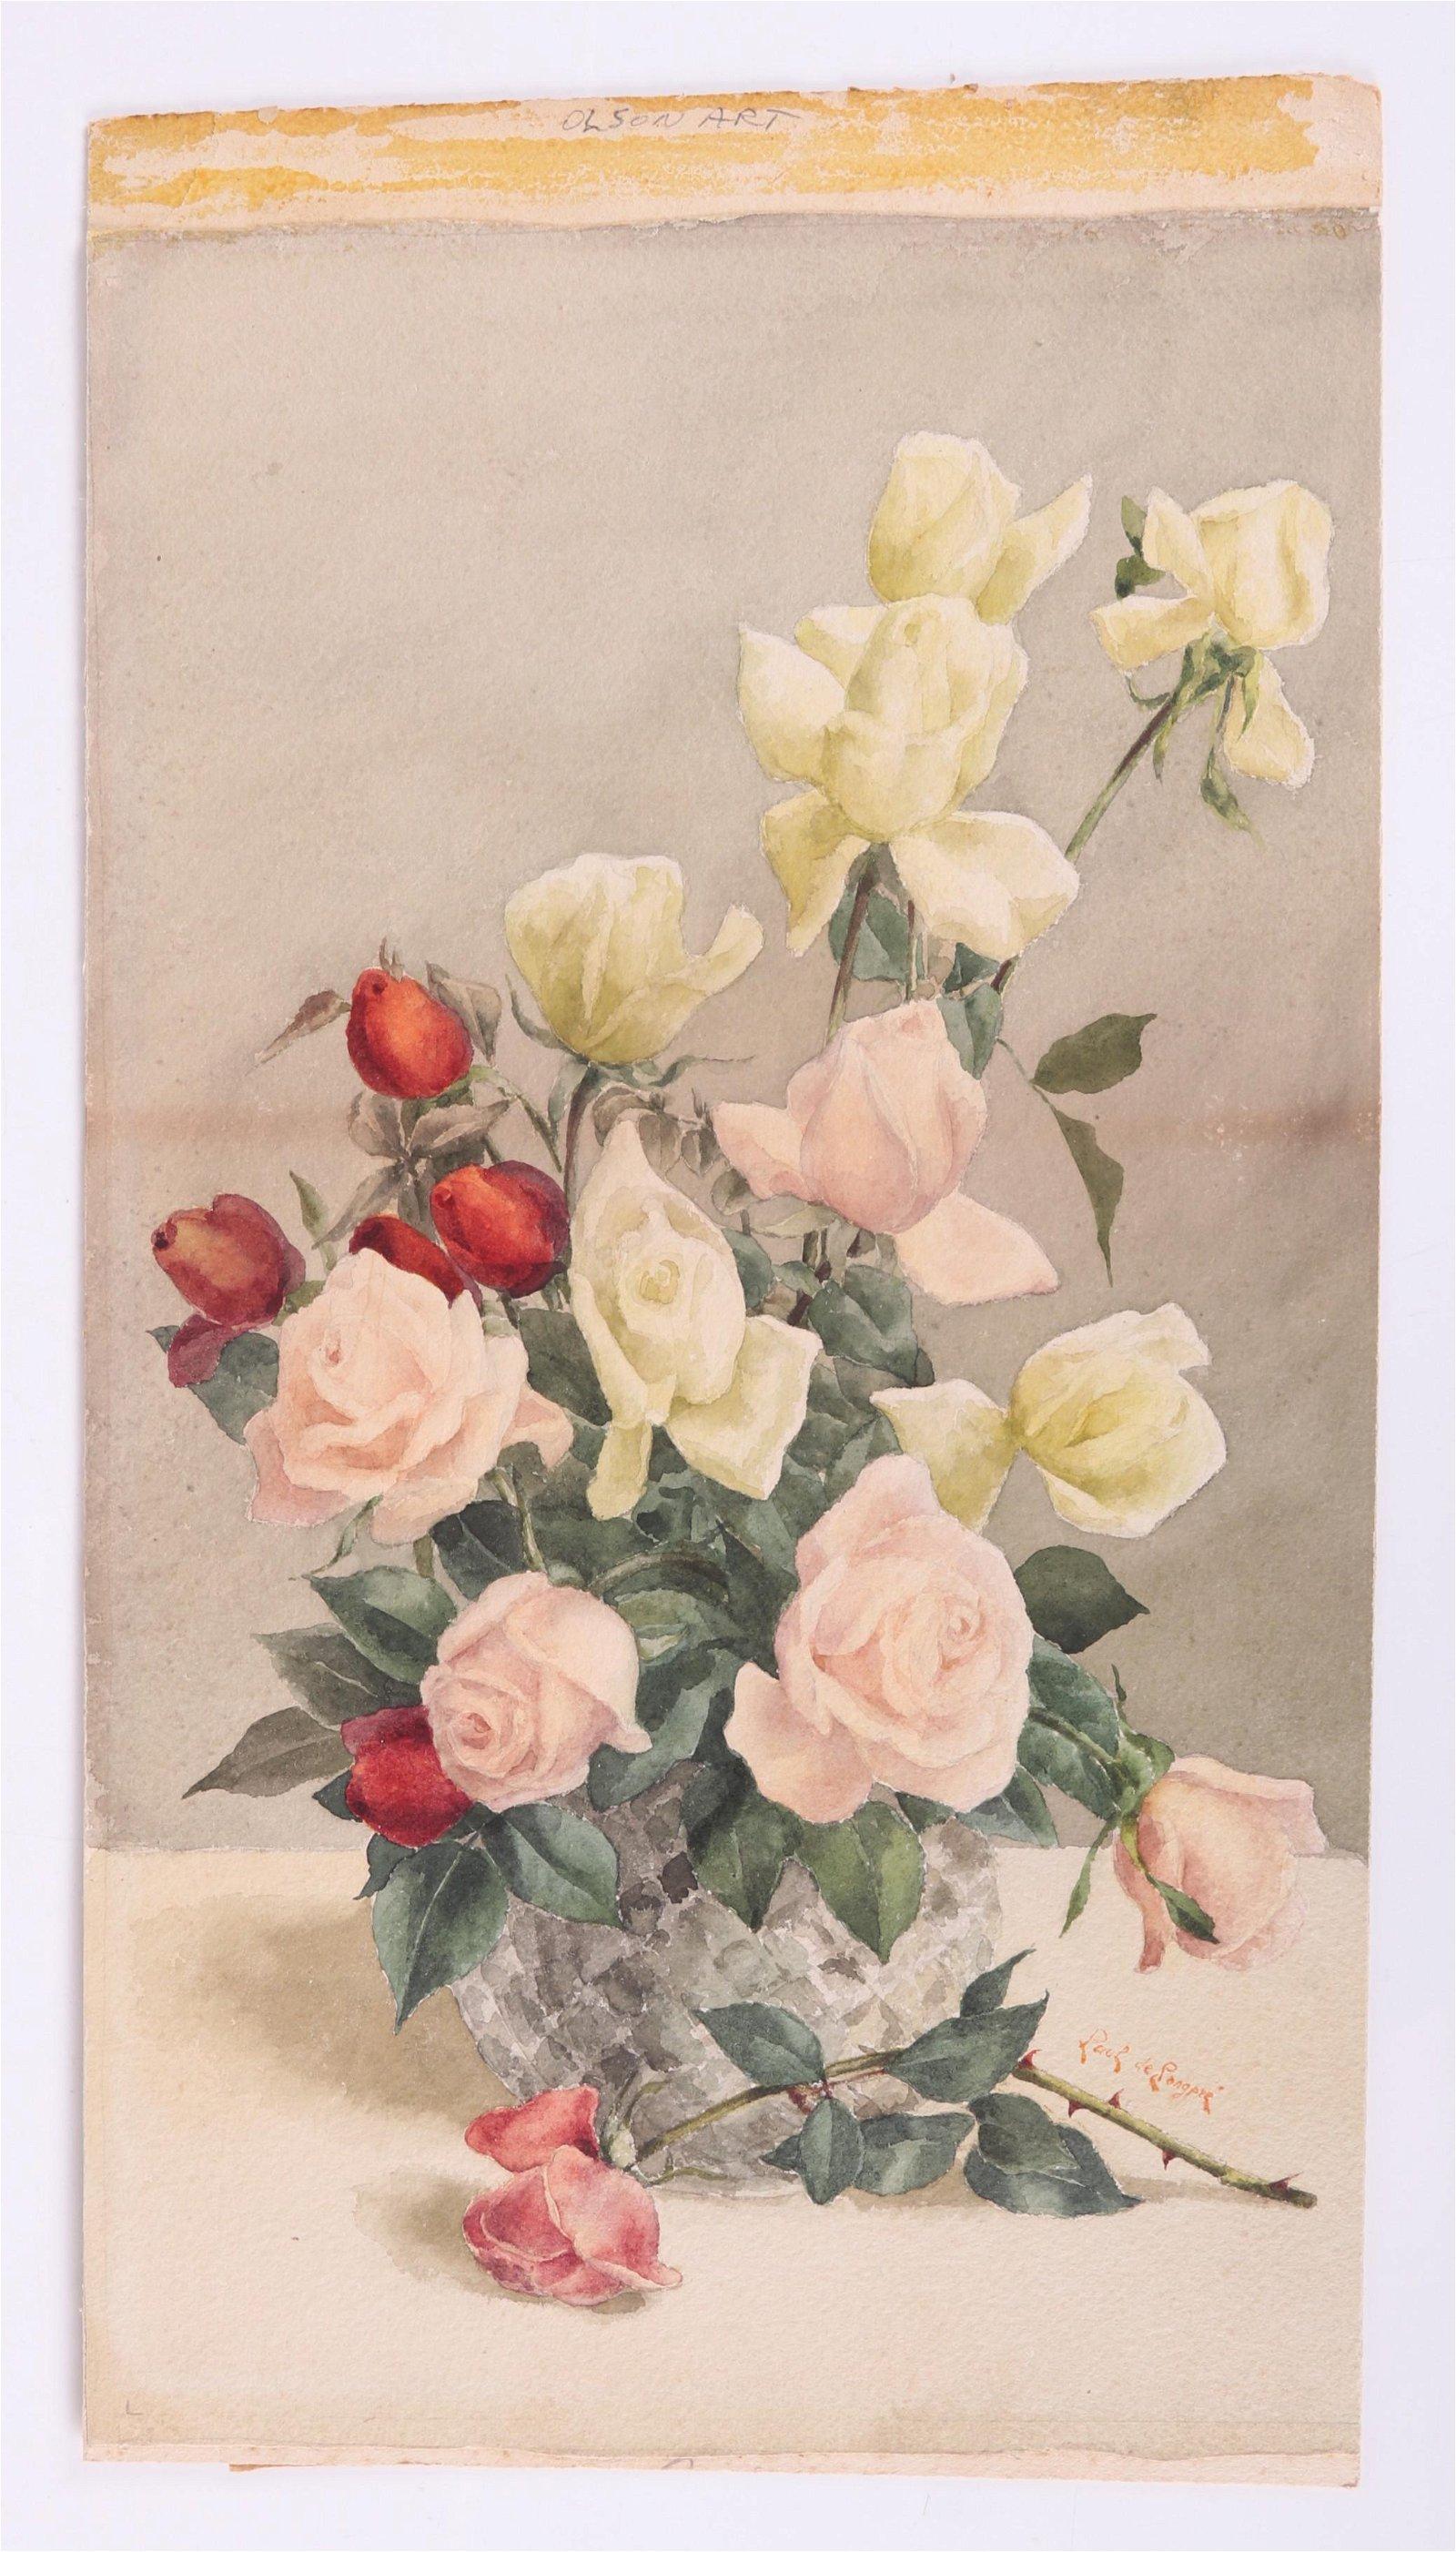 Paul De Longpre (French/US 1855-1911) Watercolor